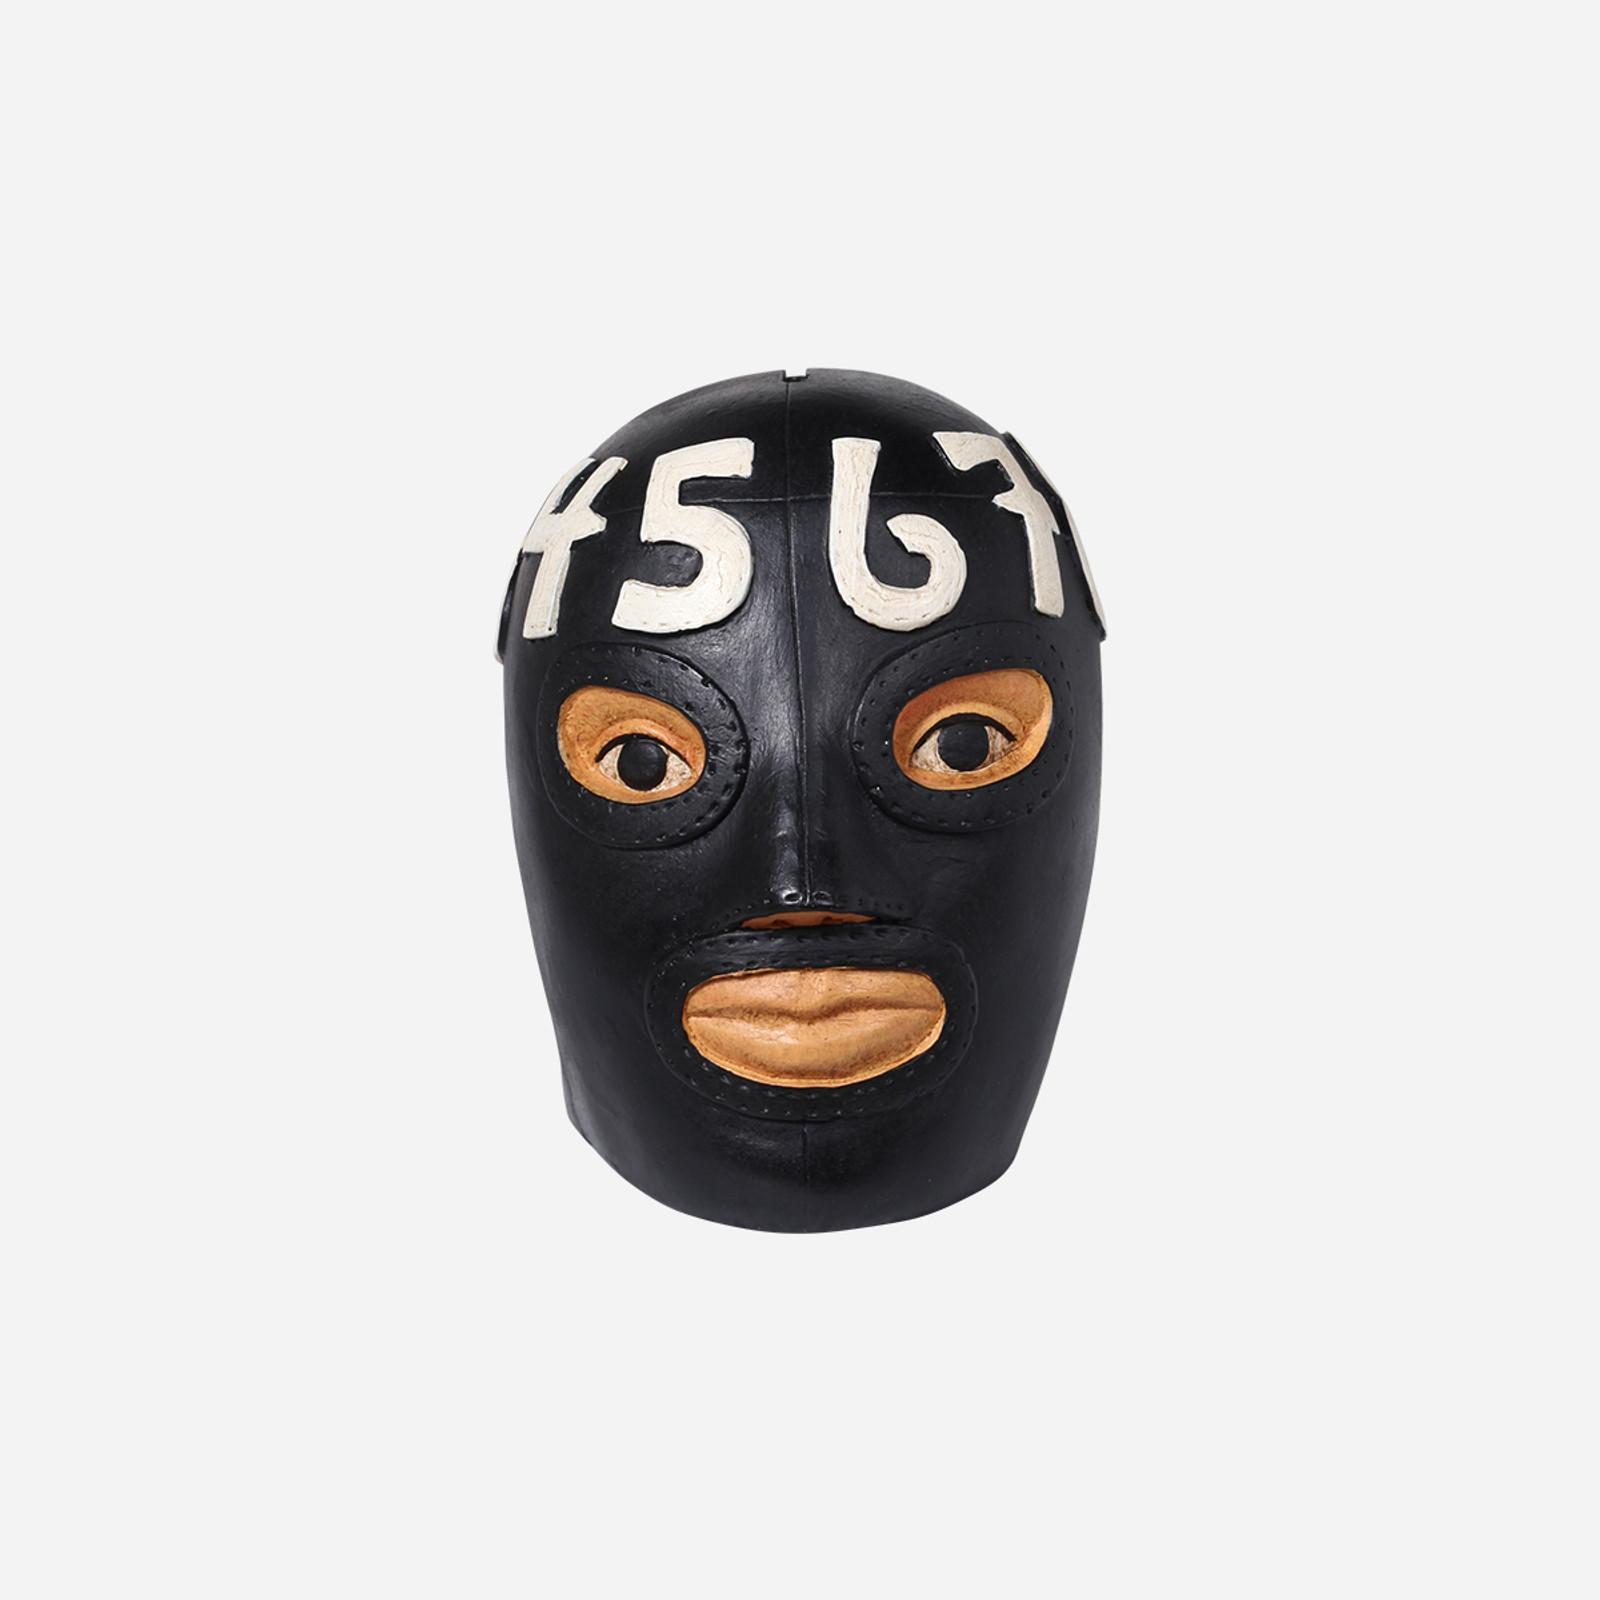 El Matematico Wrestler Head Coin Bank